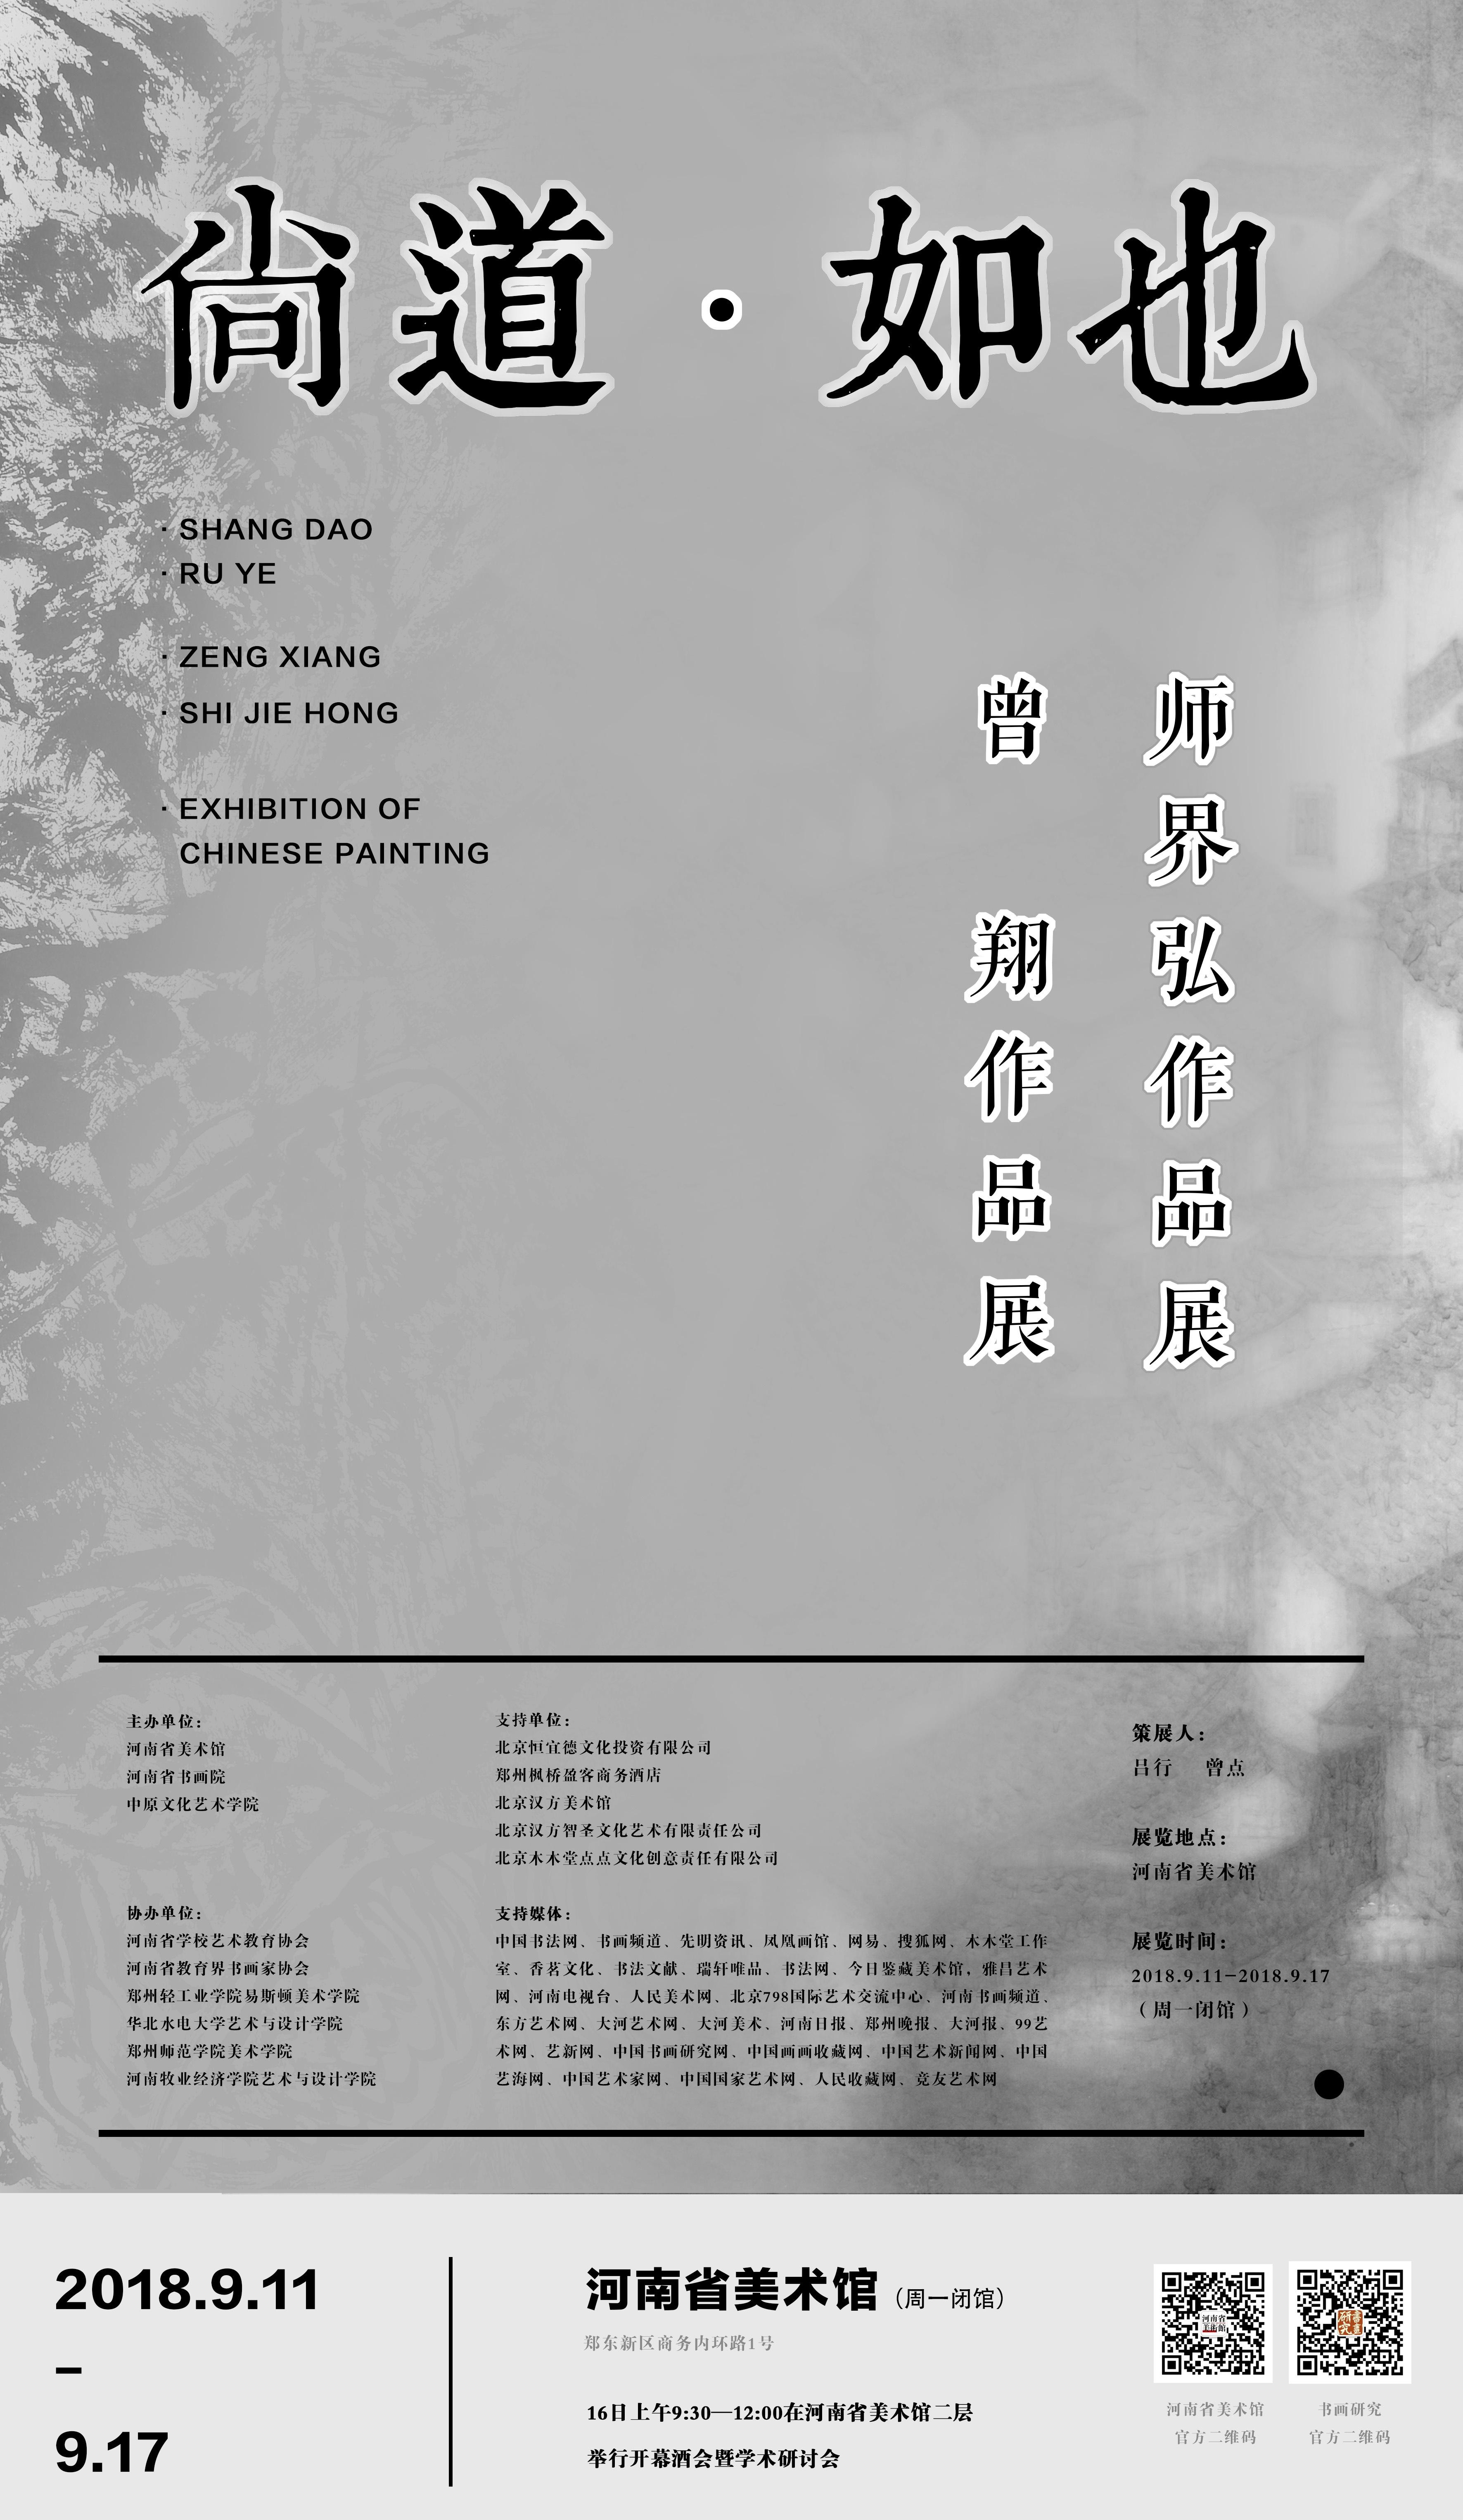 尚道•如也——曾翔、师界弘作品展即将在河南省美术馆举行